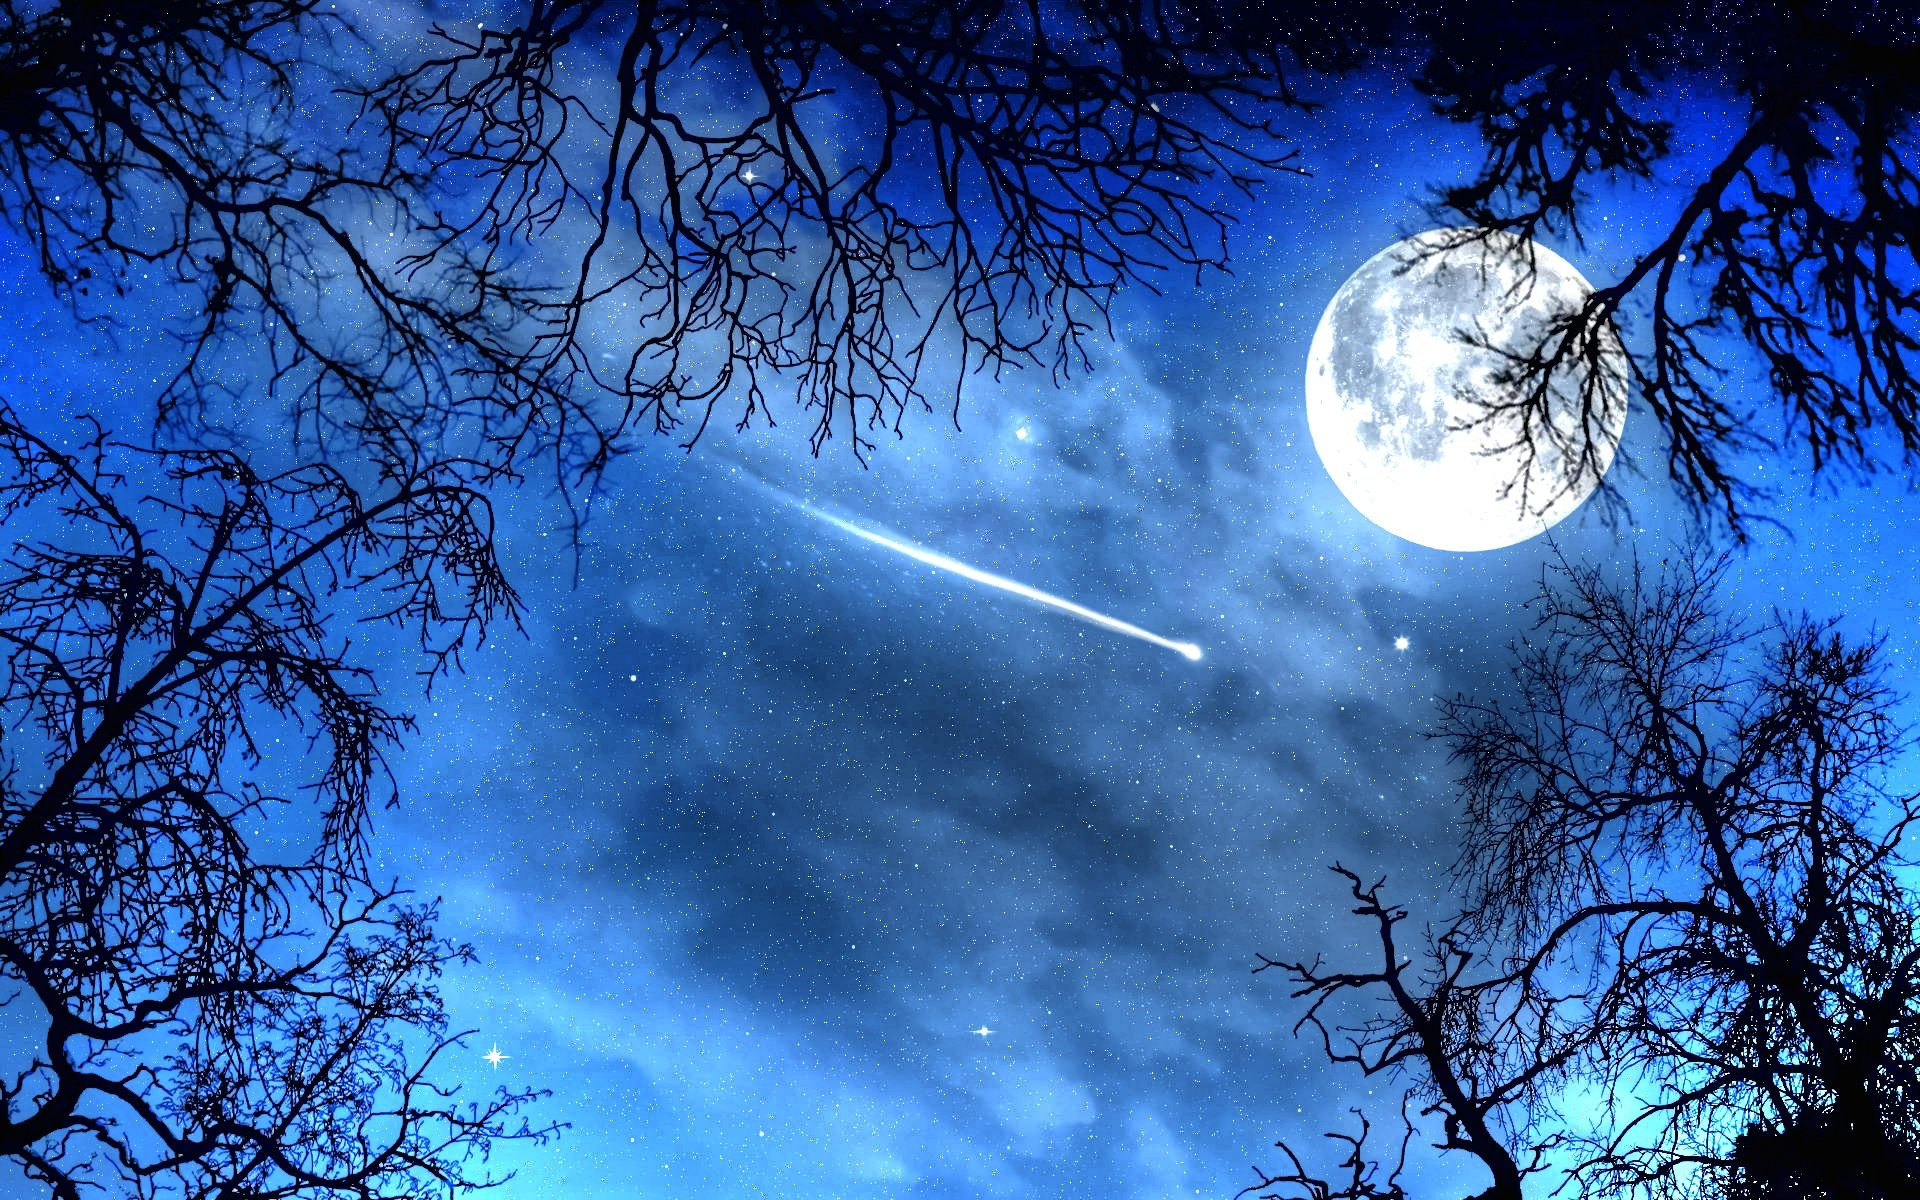 Blue Night Sky Wallpaper